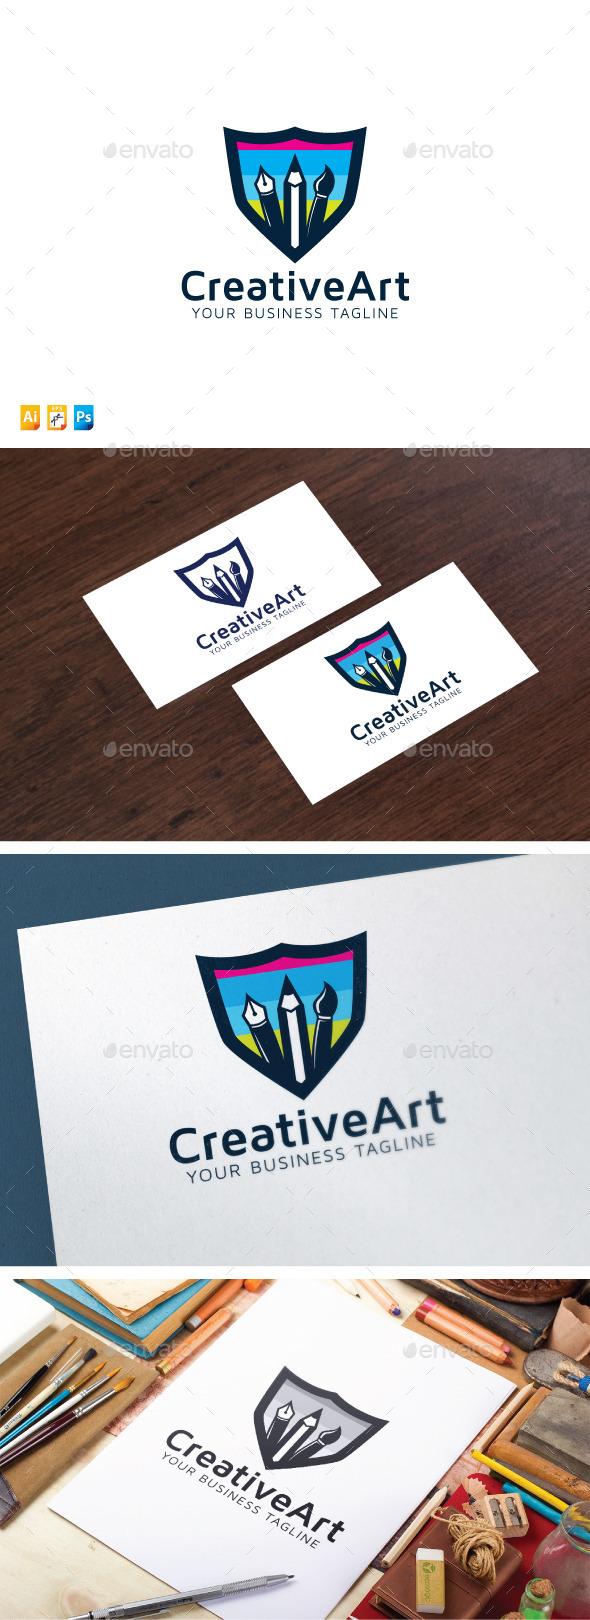 Creative Art logo - Vector Abstract